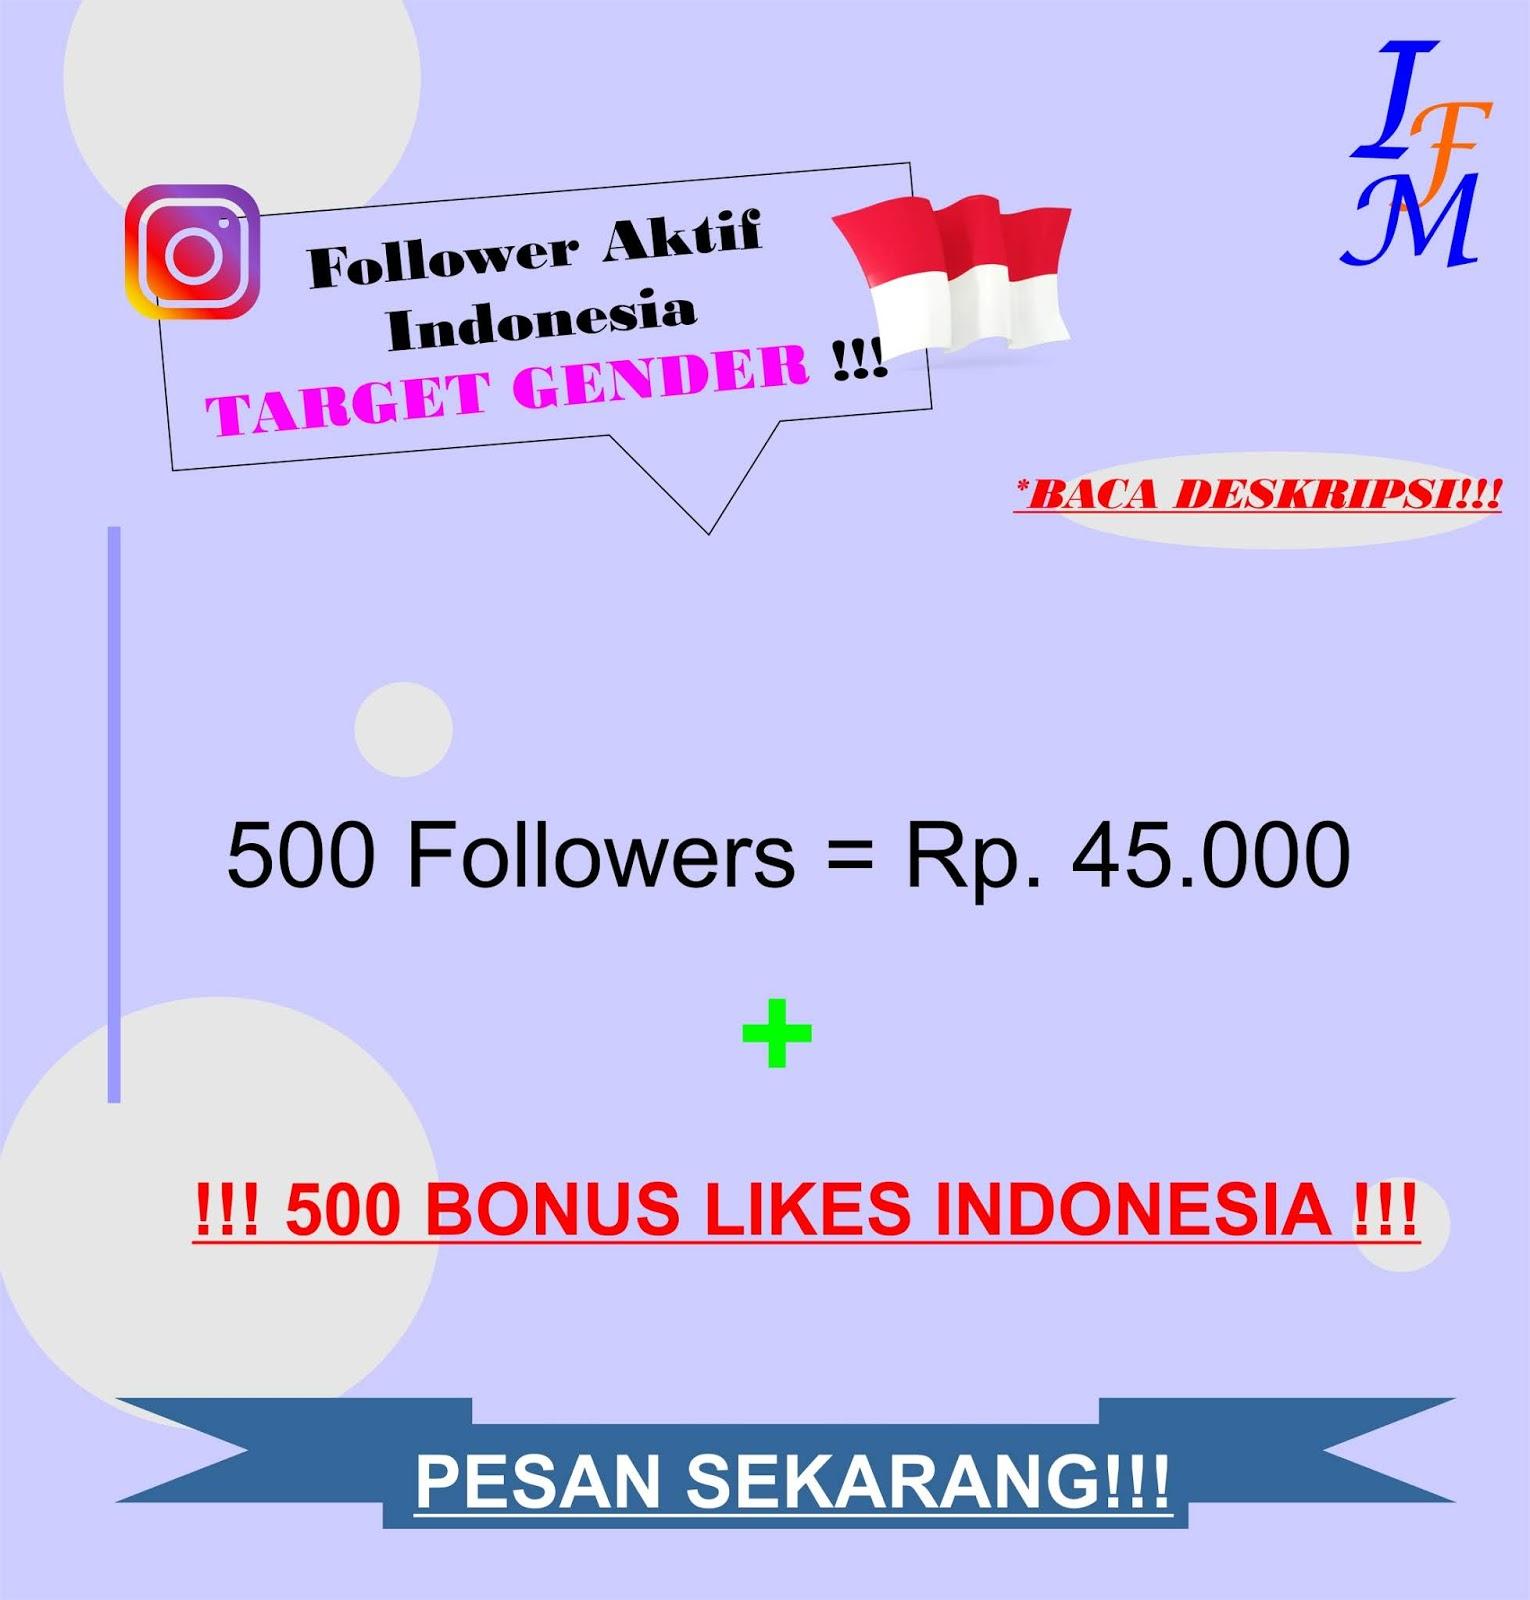 Jasa Tambah 500 Follower Akun Instagram Aktif Indonesia Target Gender Jenis Kelamin